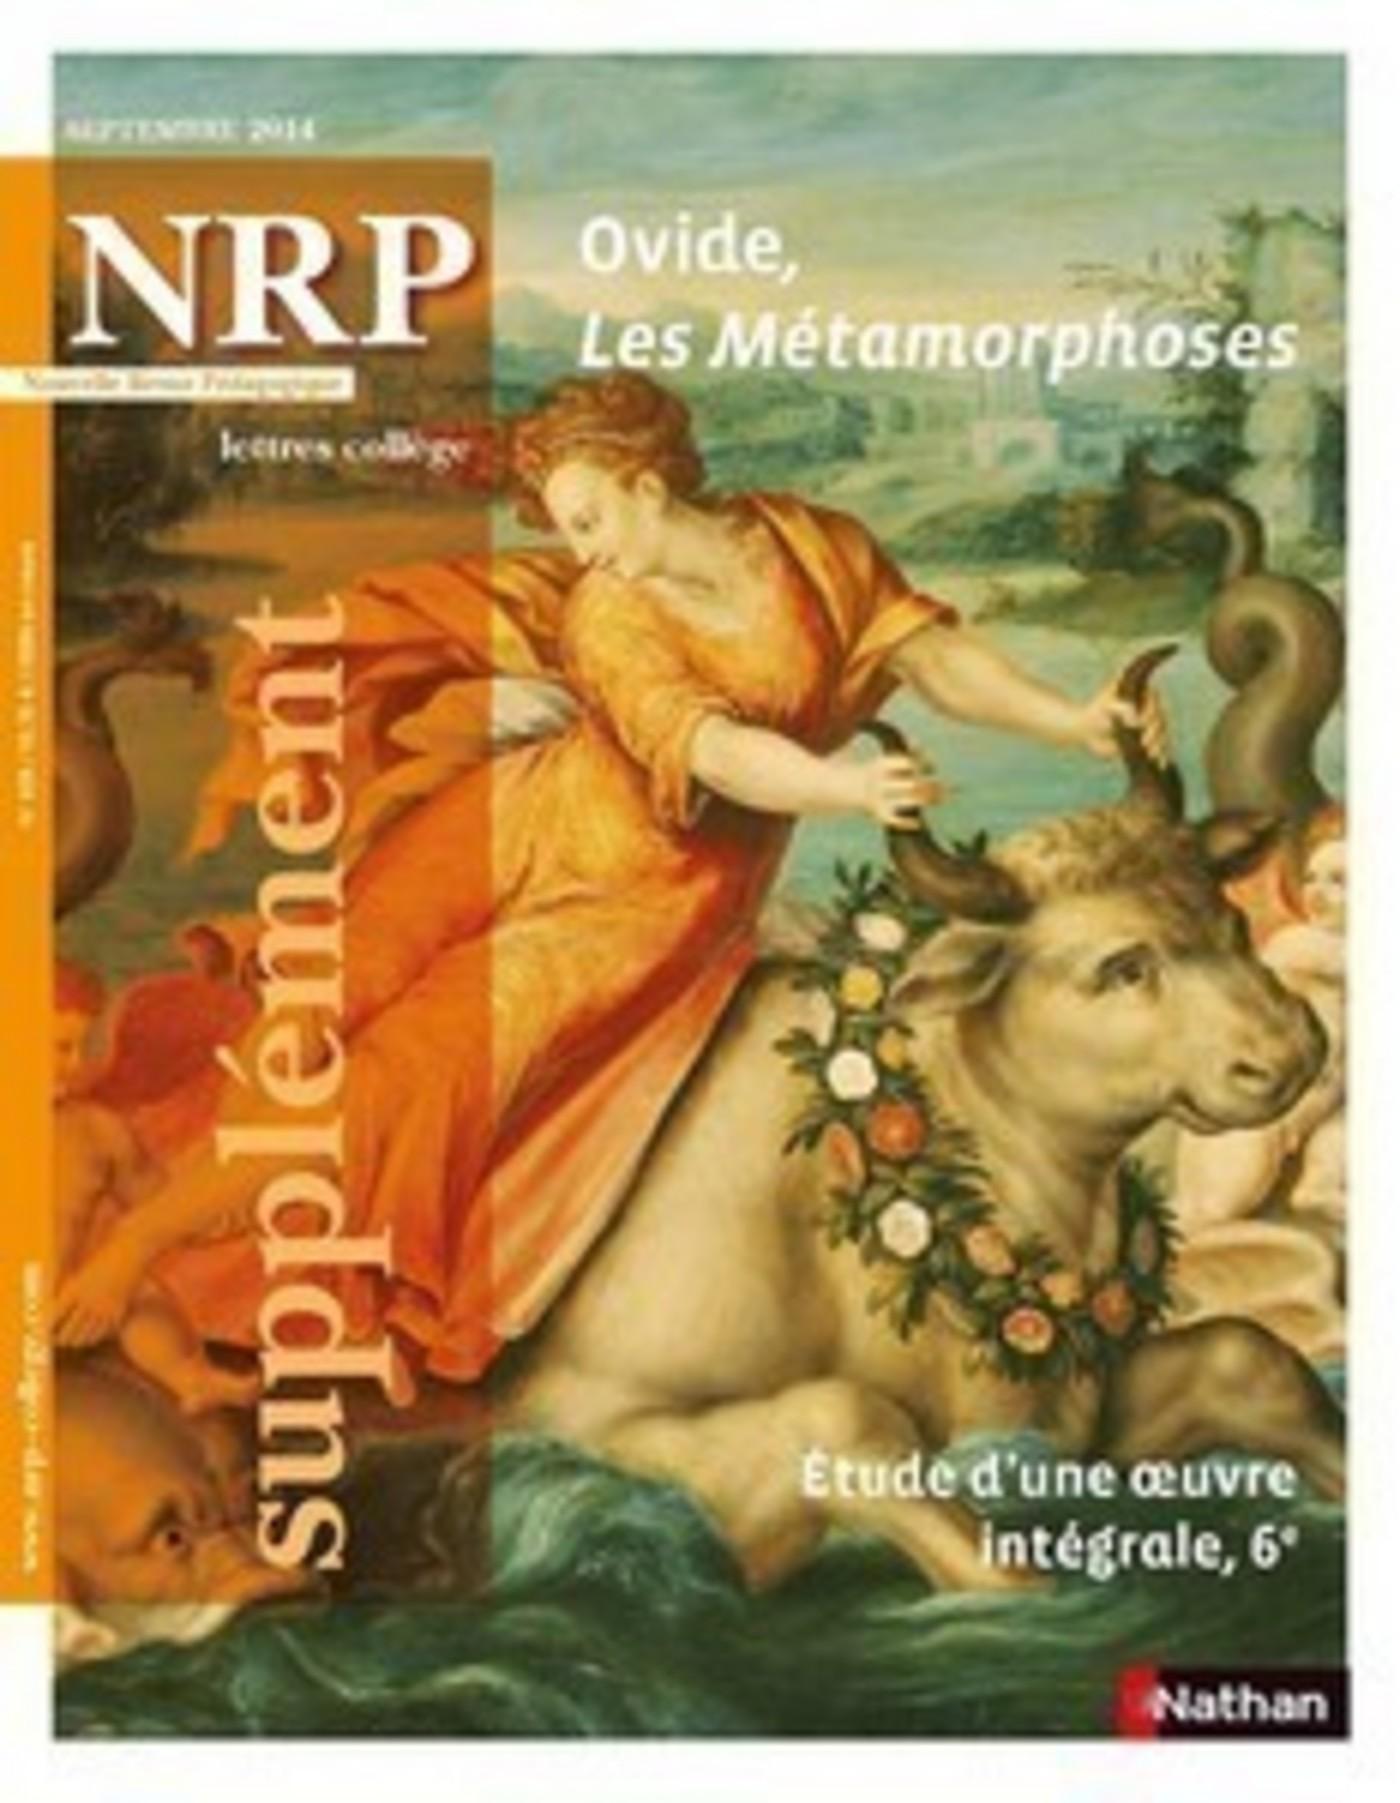 NRP Supplément Collège - Ovide, Les Métamorphoses - Septembre 2014 (Format PDF)